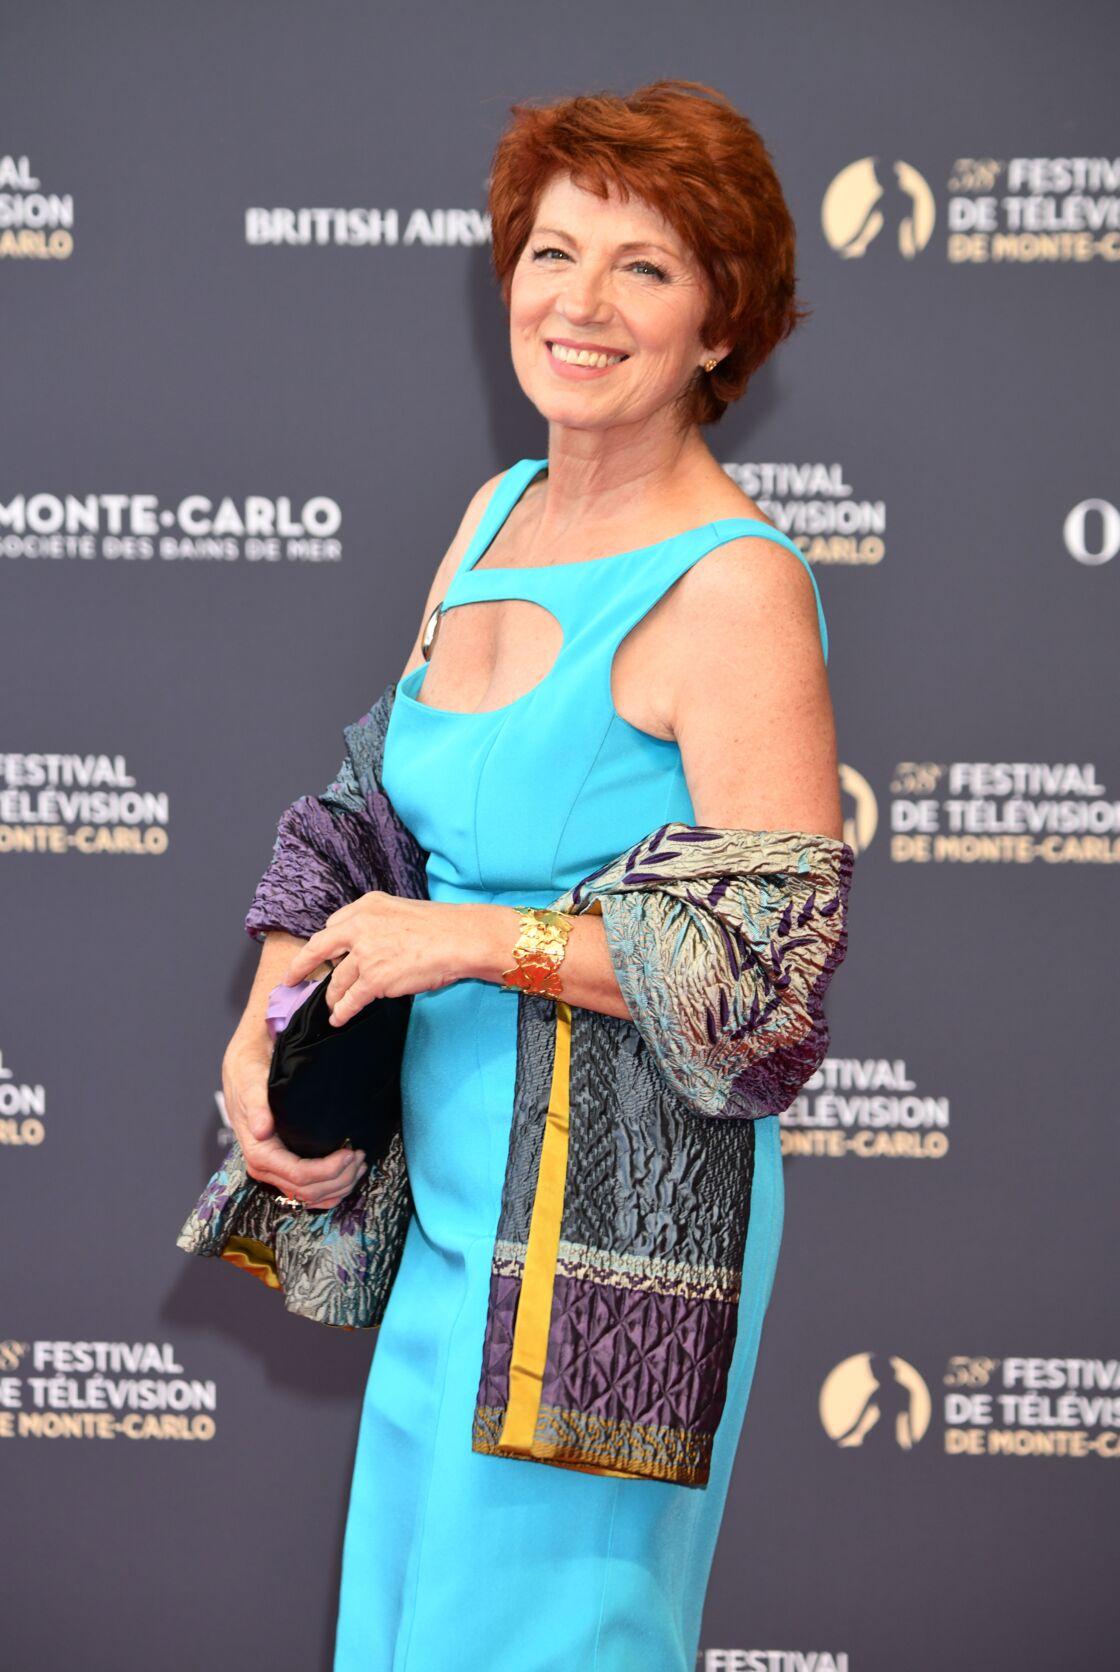 Véronique Genest à l'ouverture du 58e festival de télévision de Monte Carlo, à Monaco, le 15 juin 2018.